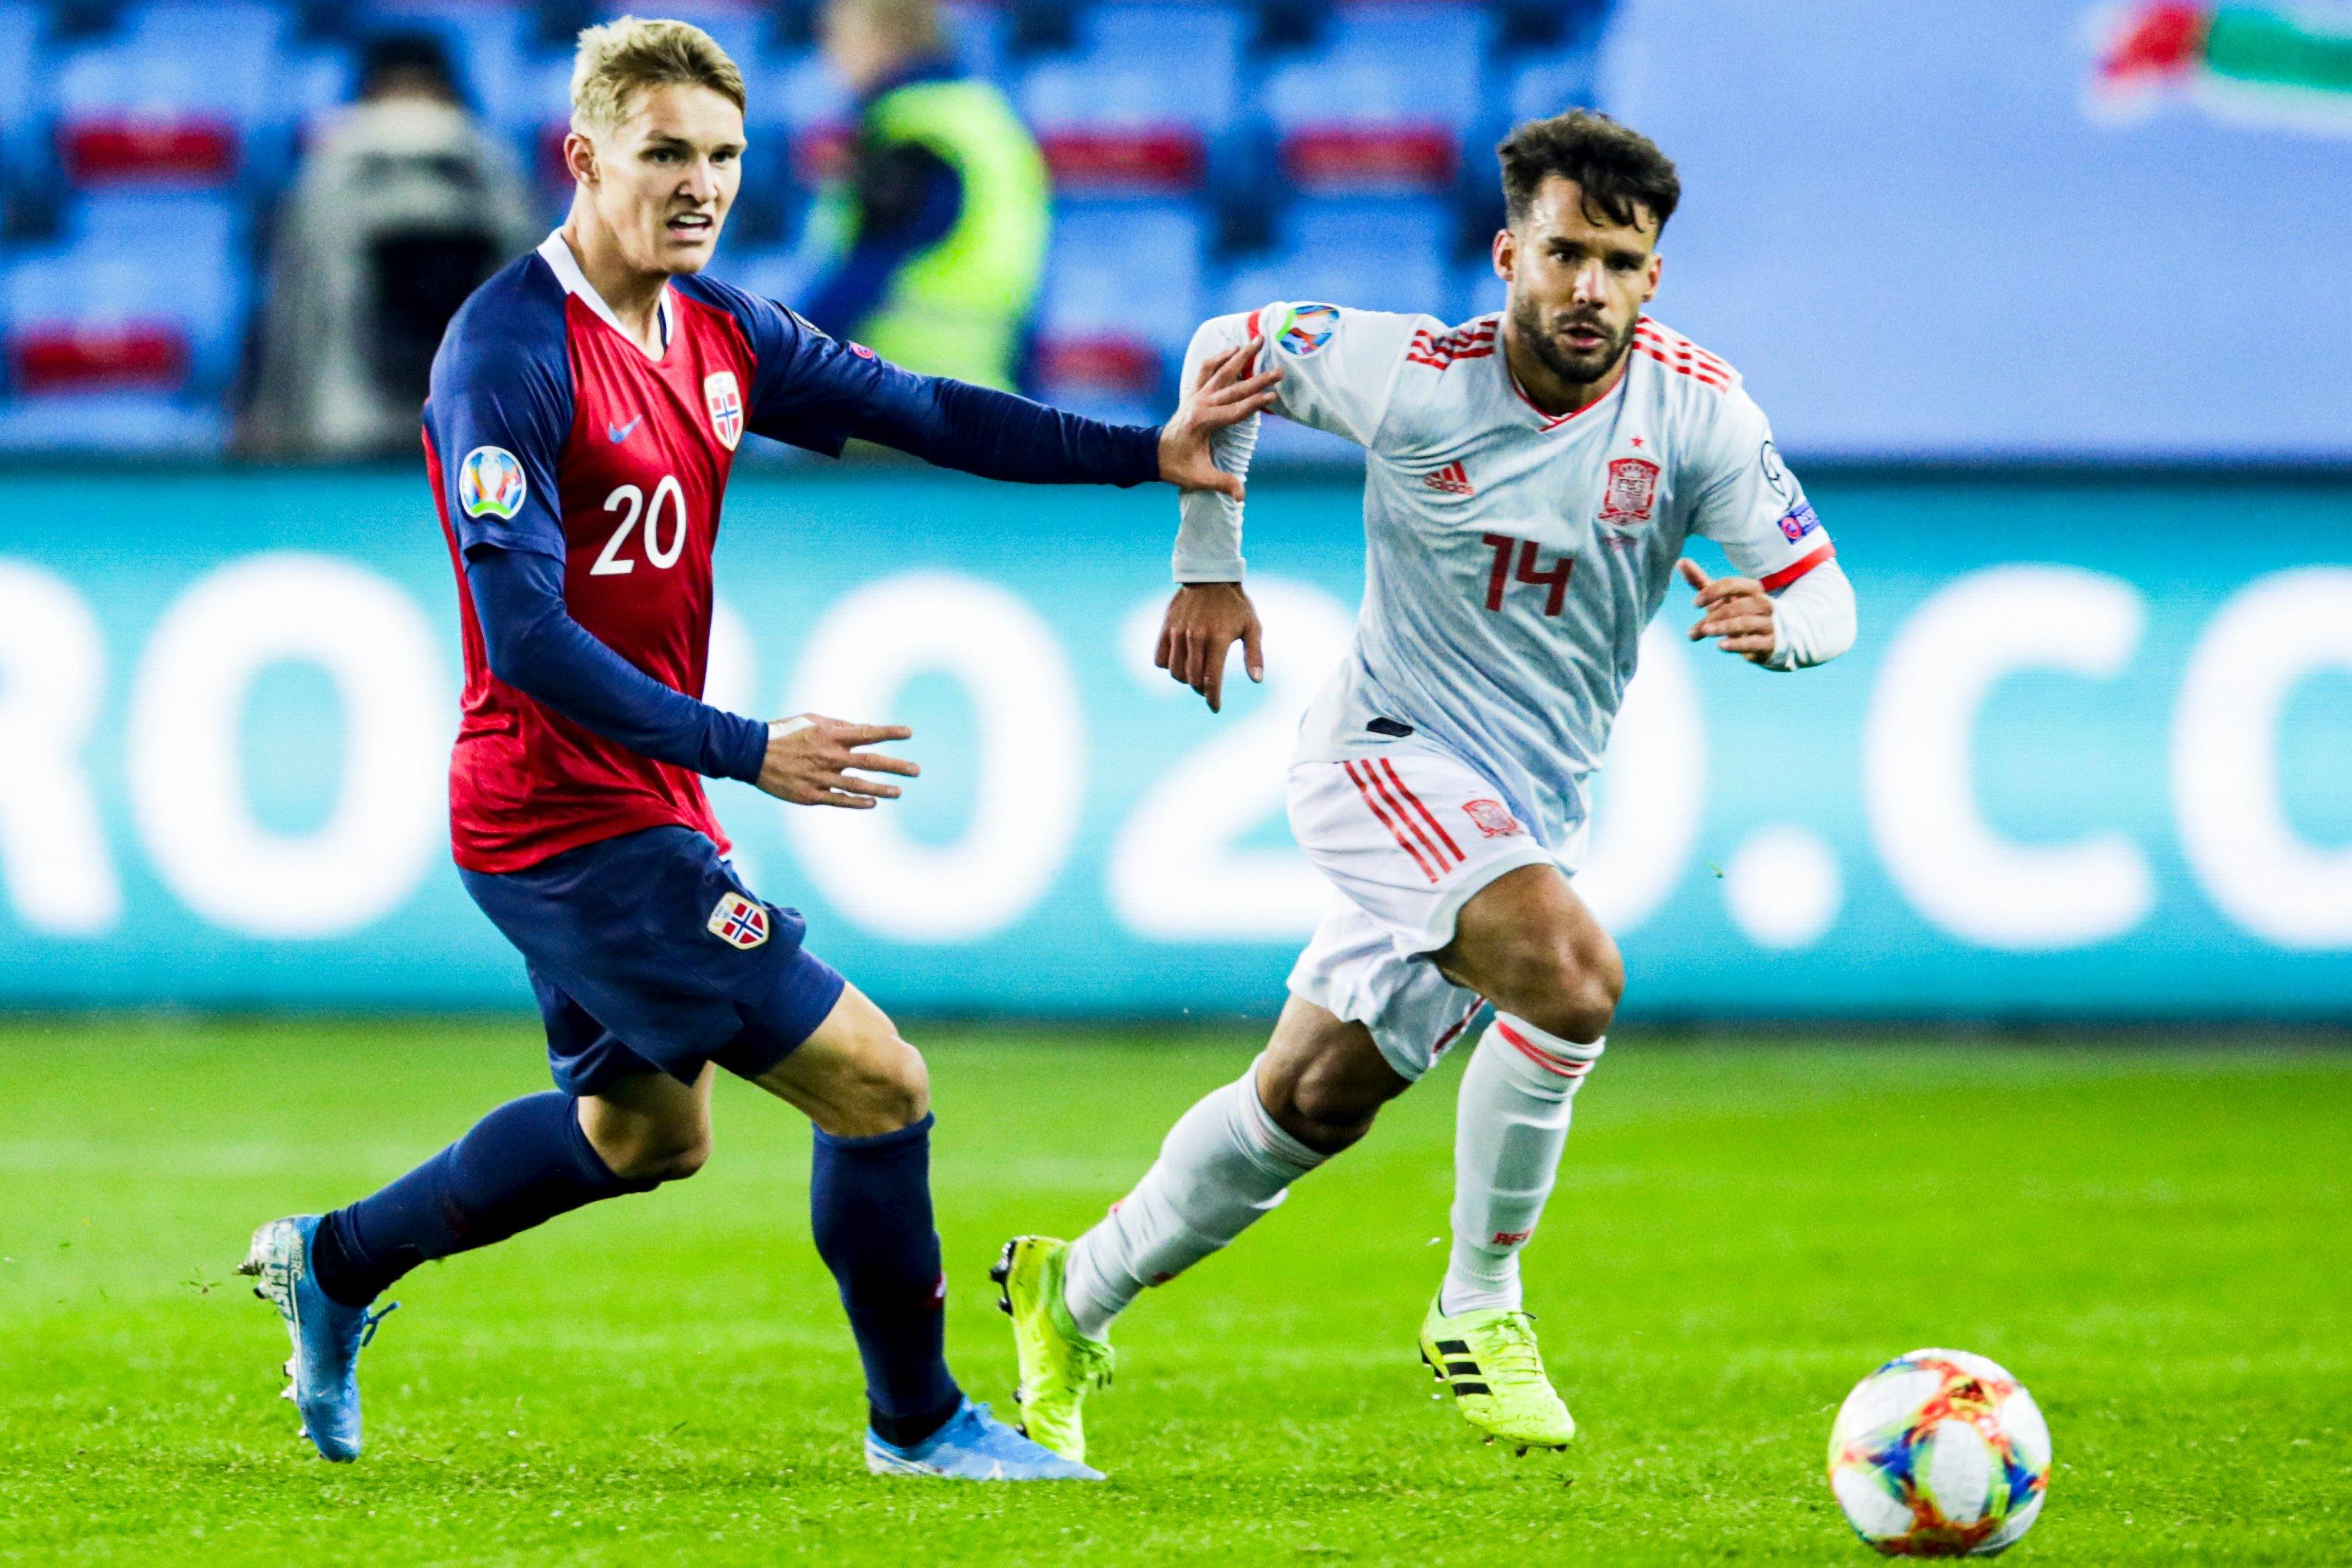 النرويج تفرض التعادل على إسبانيا ضمن التصفيات الأوروبية 20